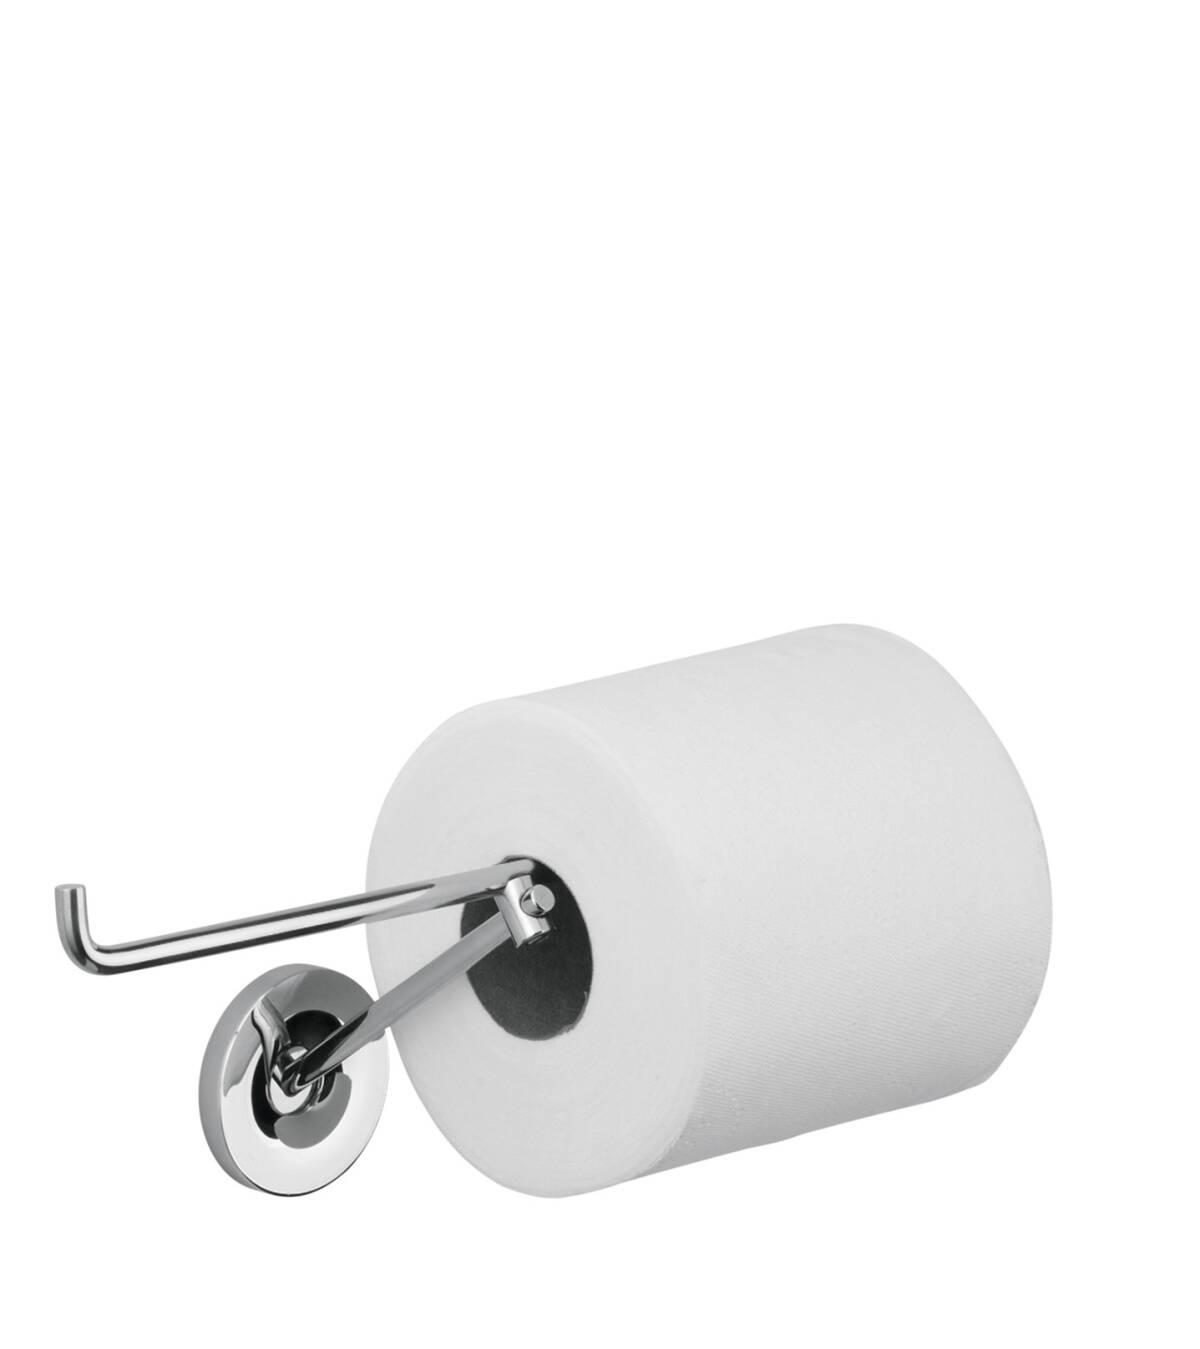 Roll holder, Brushed Bronze, 40836140